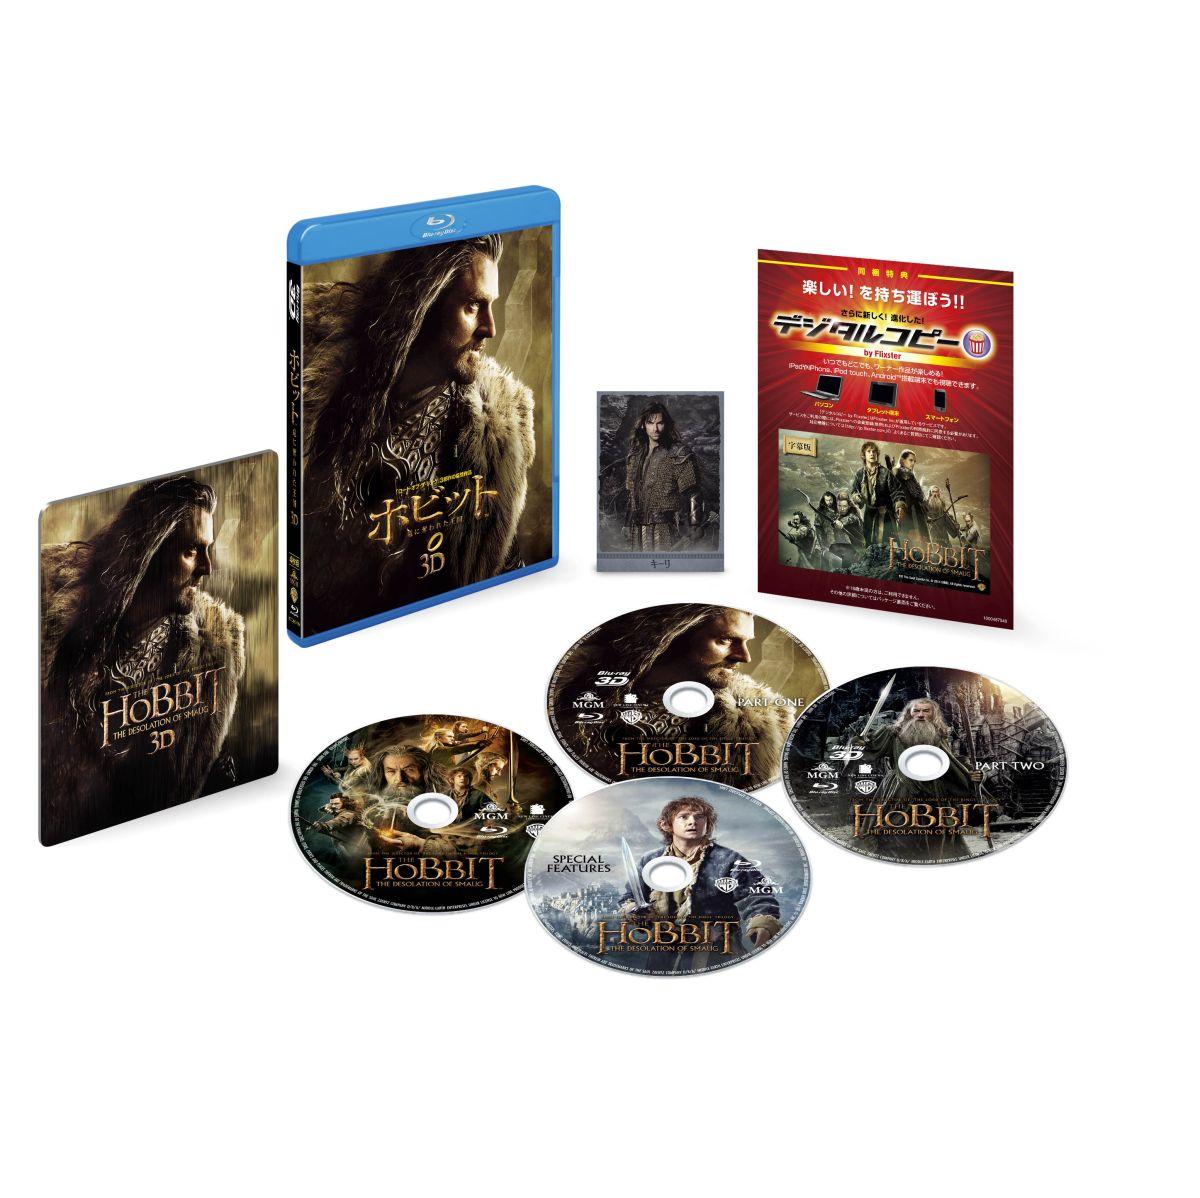 ホビット 竜に奪われた王国 3D&2D ブルーレイセット【初回限定生産】【Blu-ray】画像